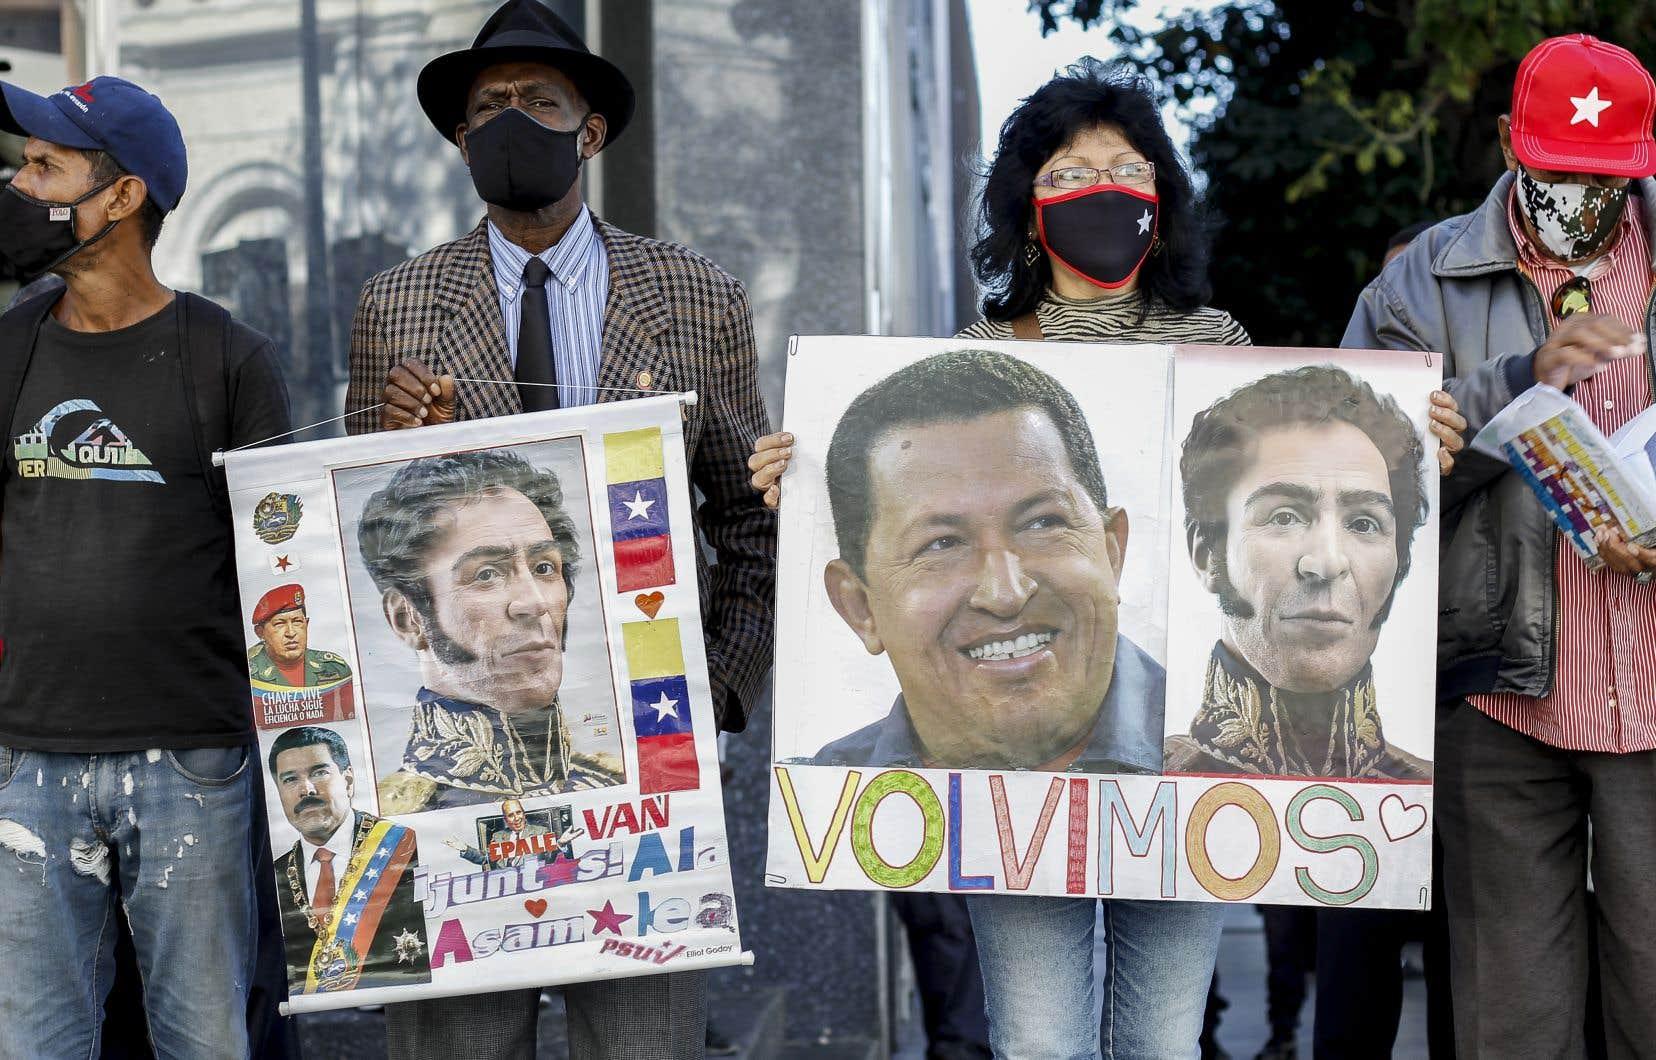 Malgré une abstention record de 70% et le rejet des résultats par une grande partie de la communauté internationale, les députés du Parti socialiste unifié du Venezuela (PSUV) et de ses alliés occupent désormais 256 des 277 sièges du Parlement unicaméral.